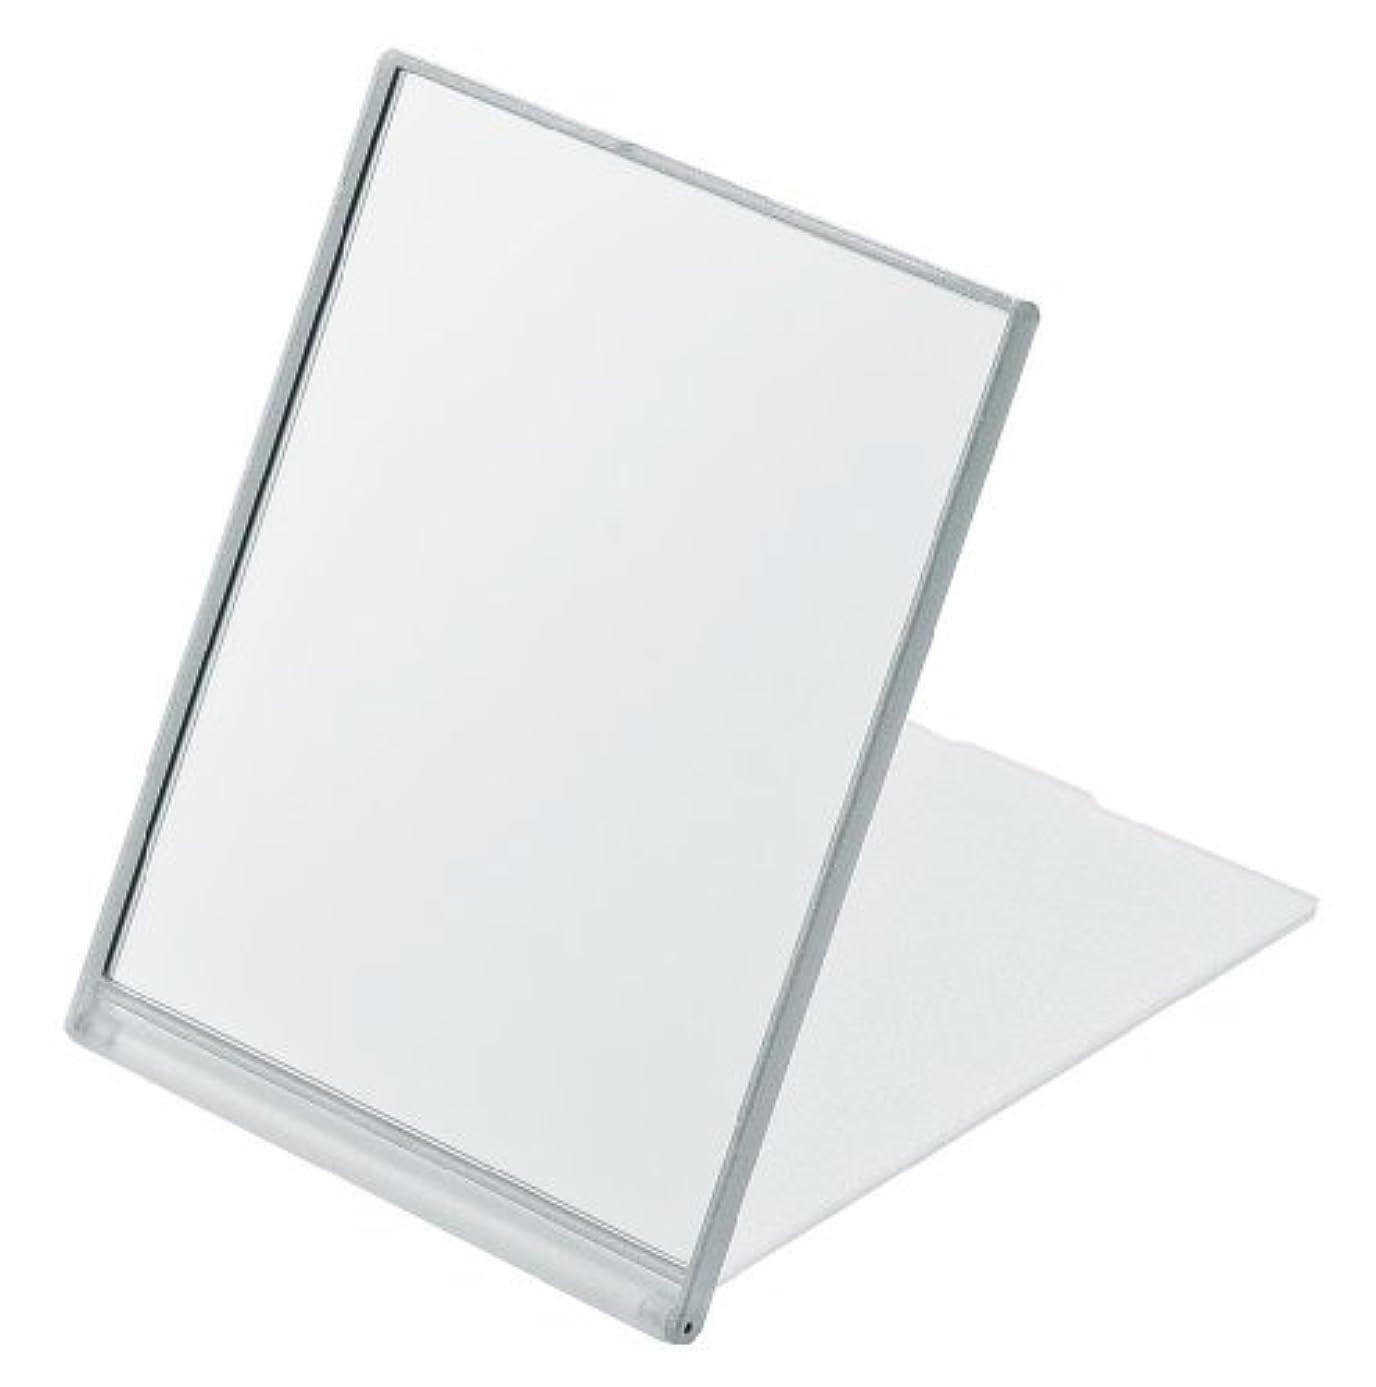 デザートキルス三番角型コンパクトミラー L ホワイト YLA-901